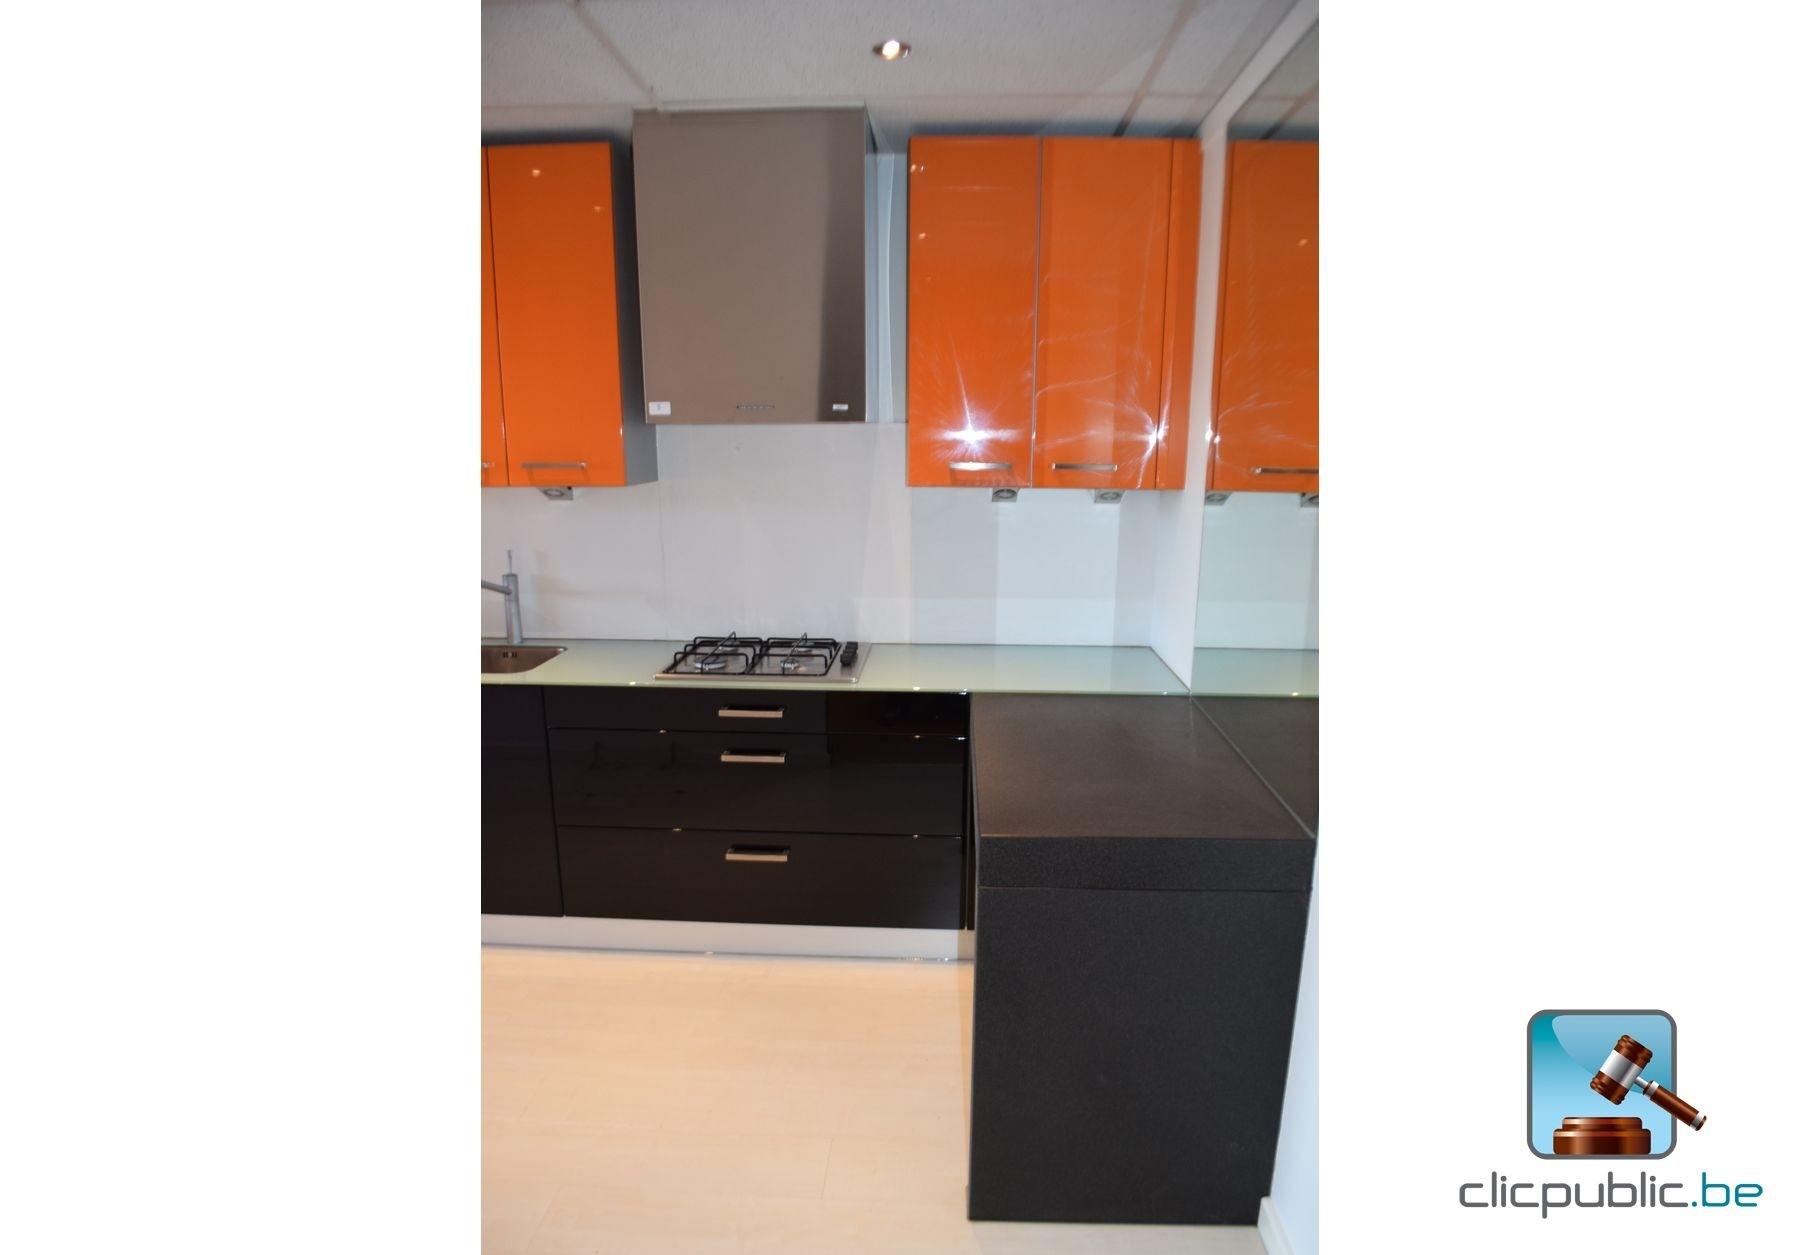 cuisine orange et noir. Black Bedroom Furniture Sets. Home Design Ideas